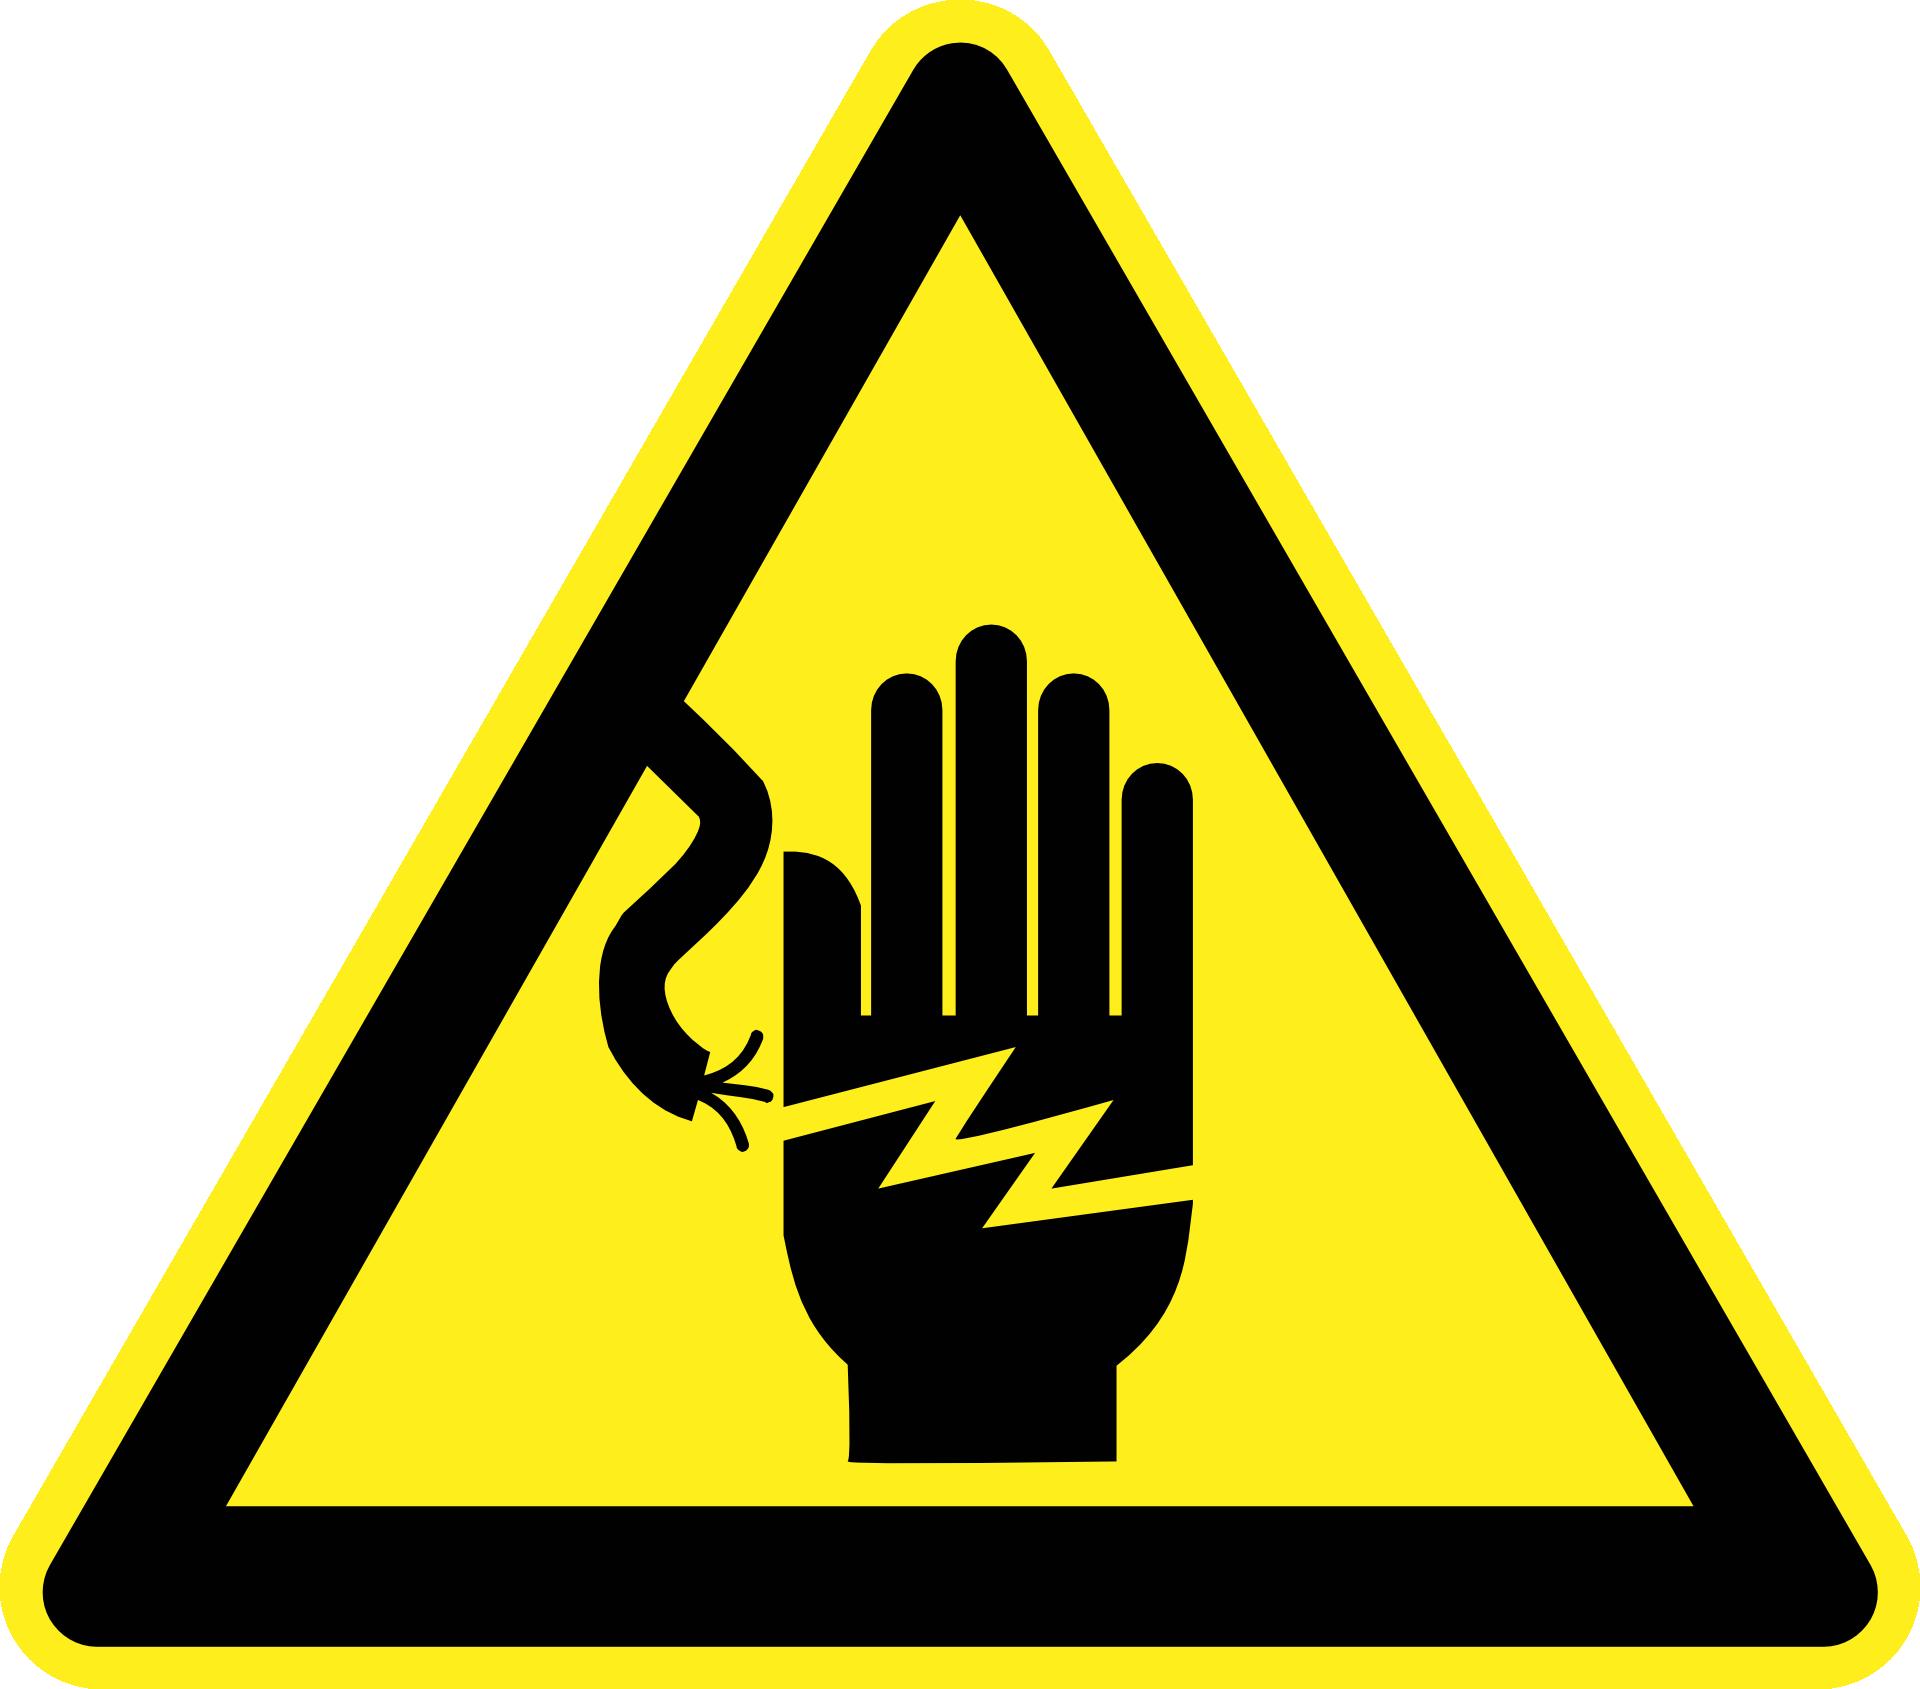 漏電検査で事故防止!家電を安全に使うために漏電の検査方法を知ろう